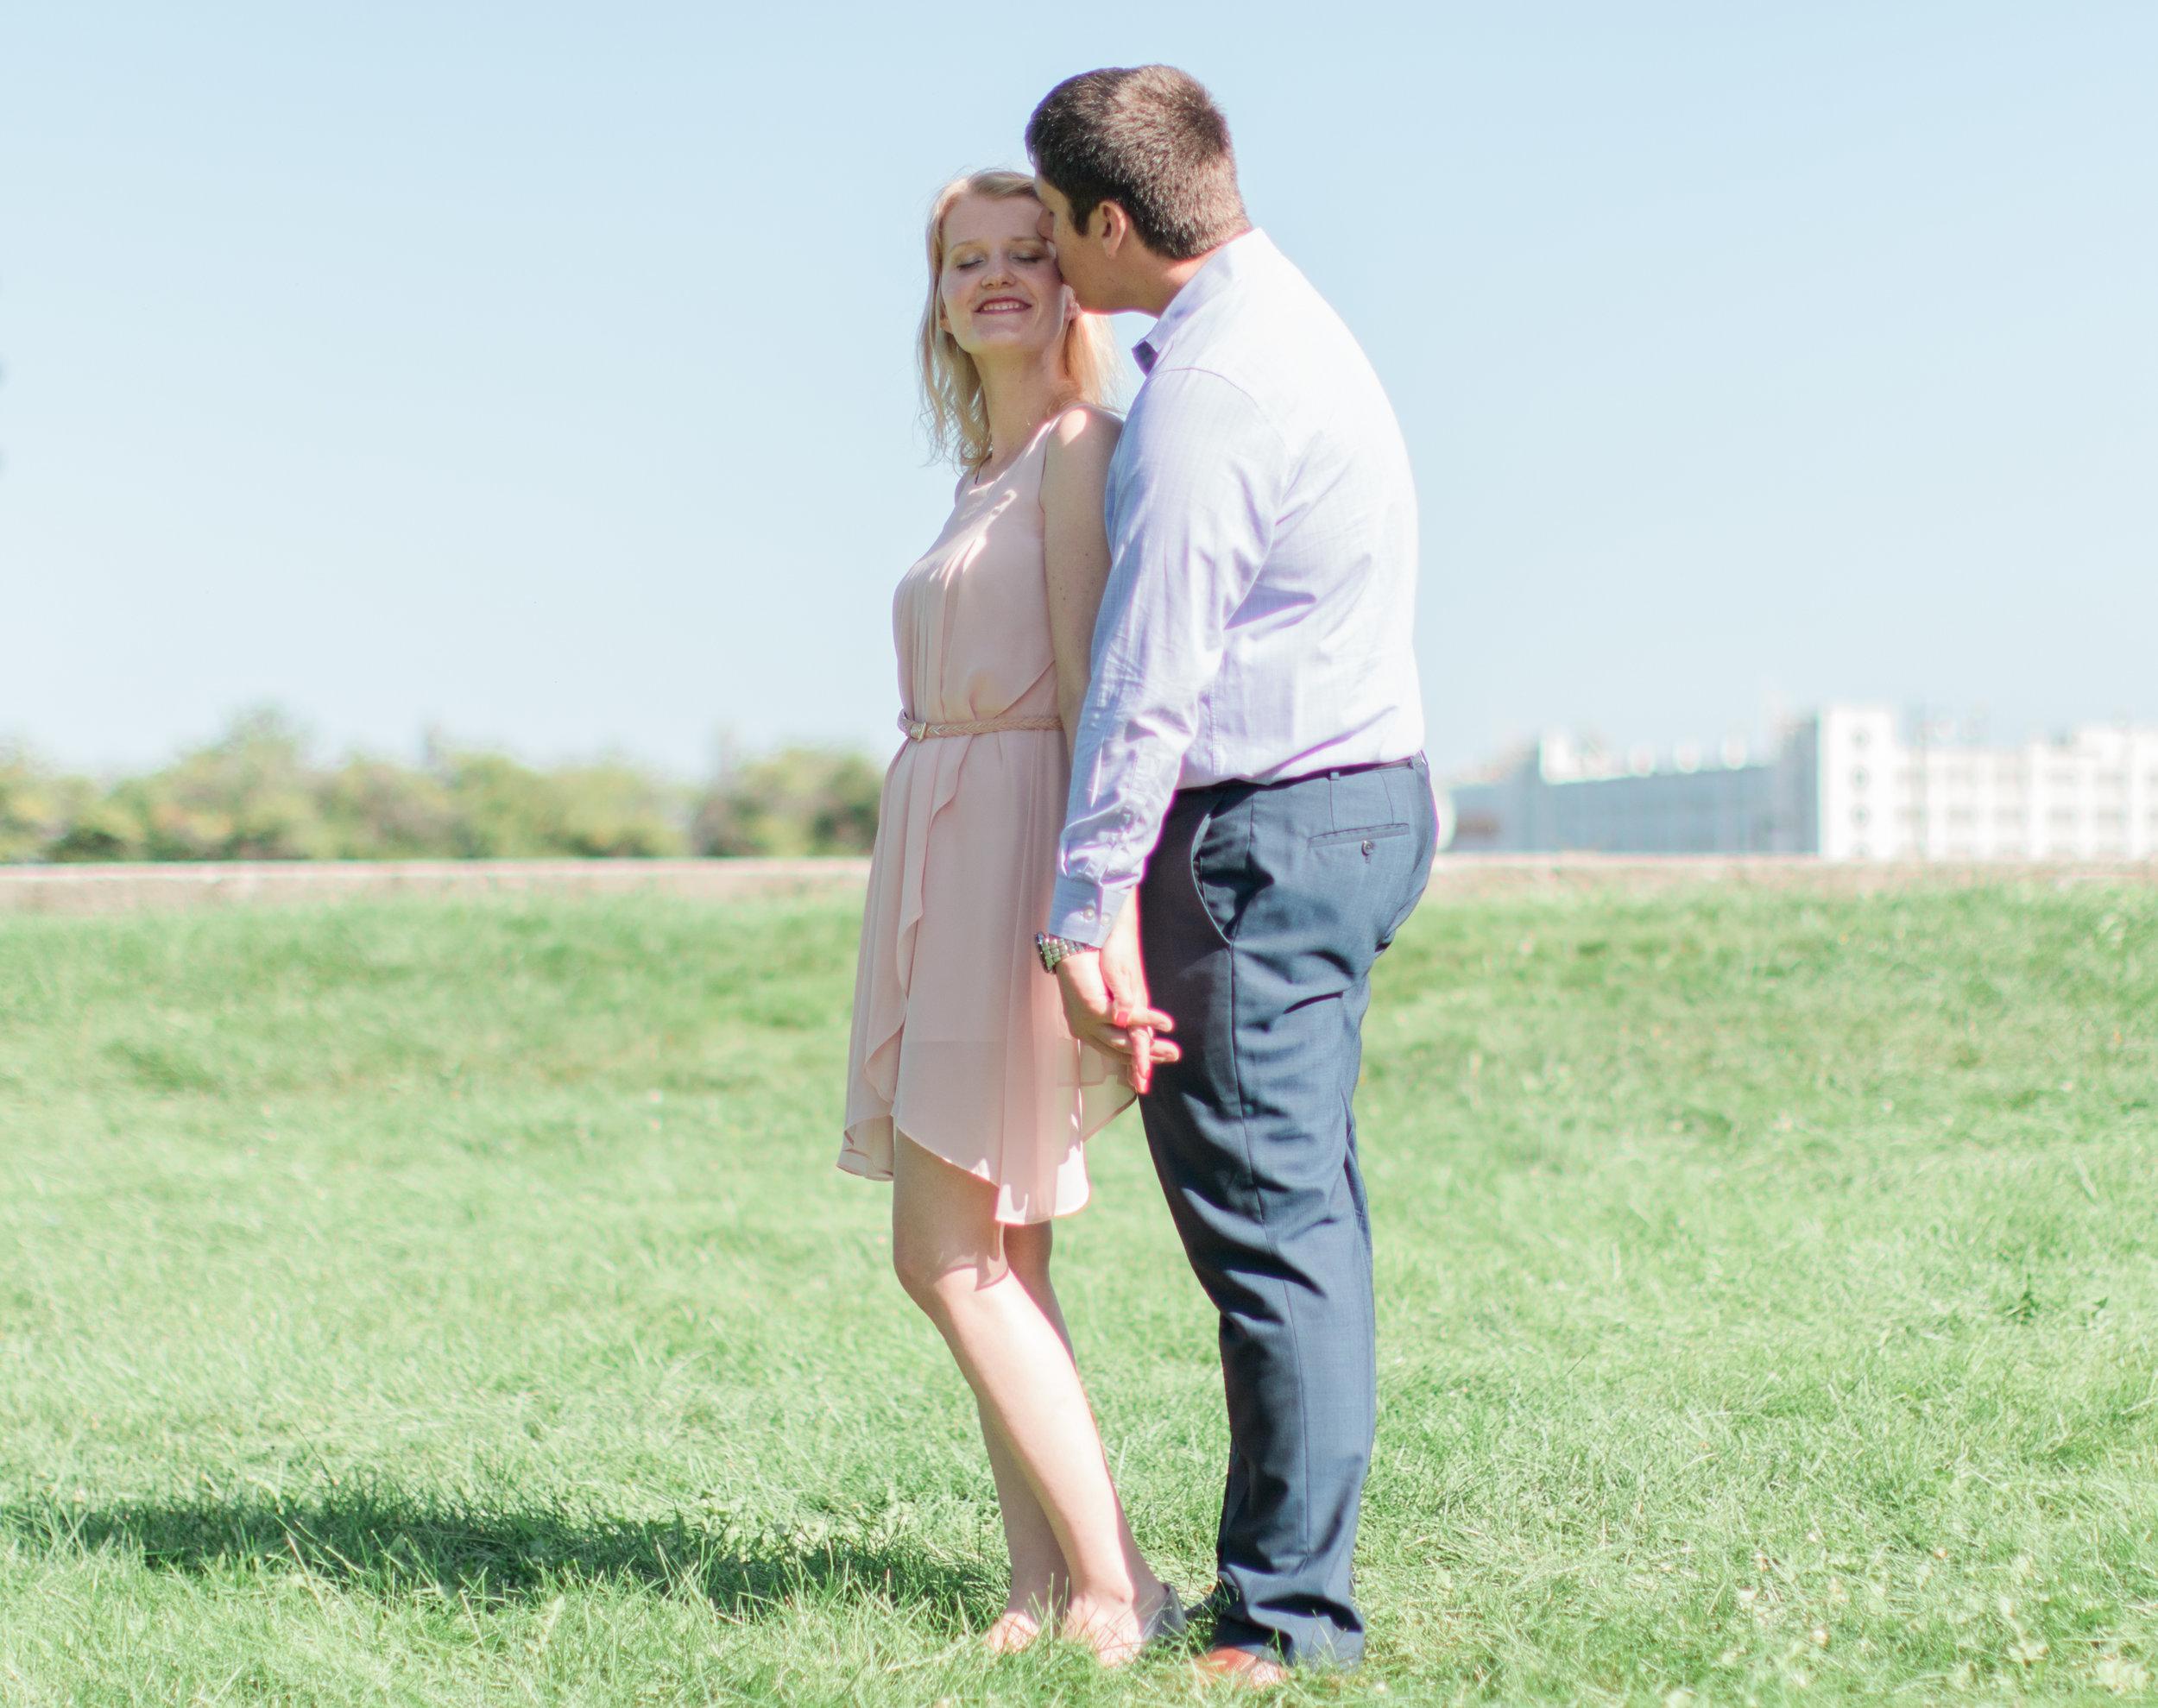 Bonphotage Milton Lee Olive Park Chicago Engagement Photography